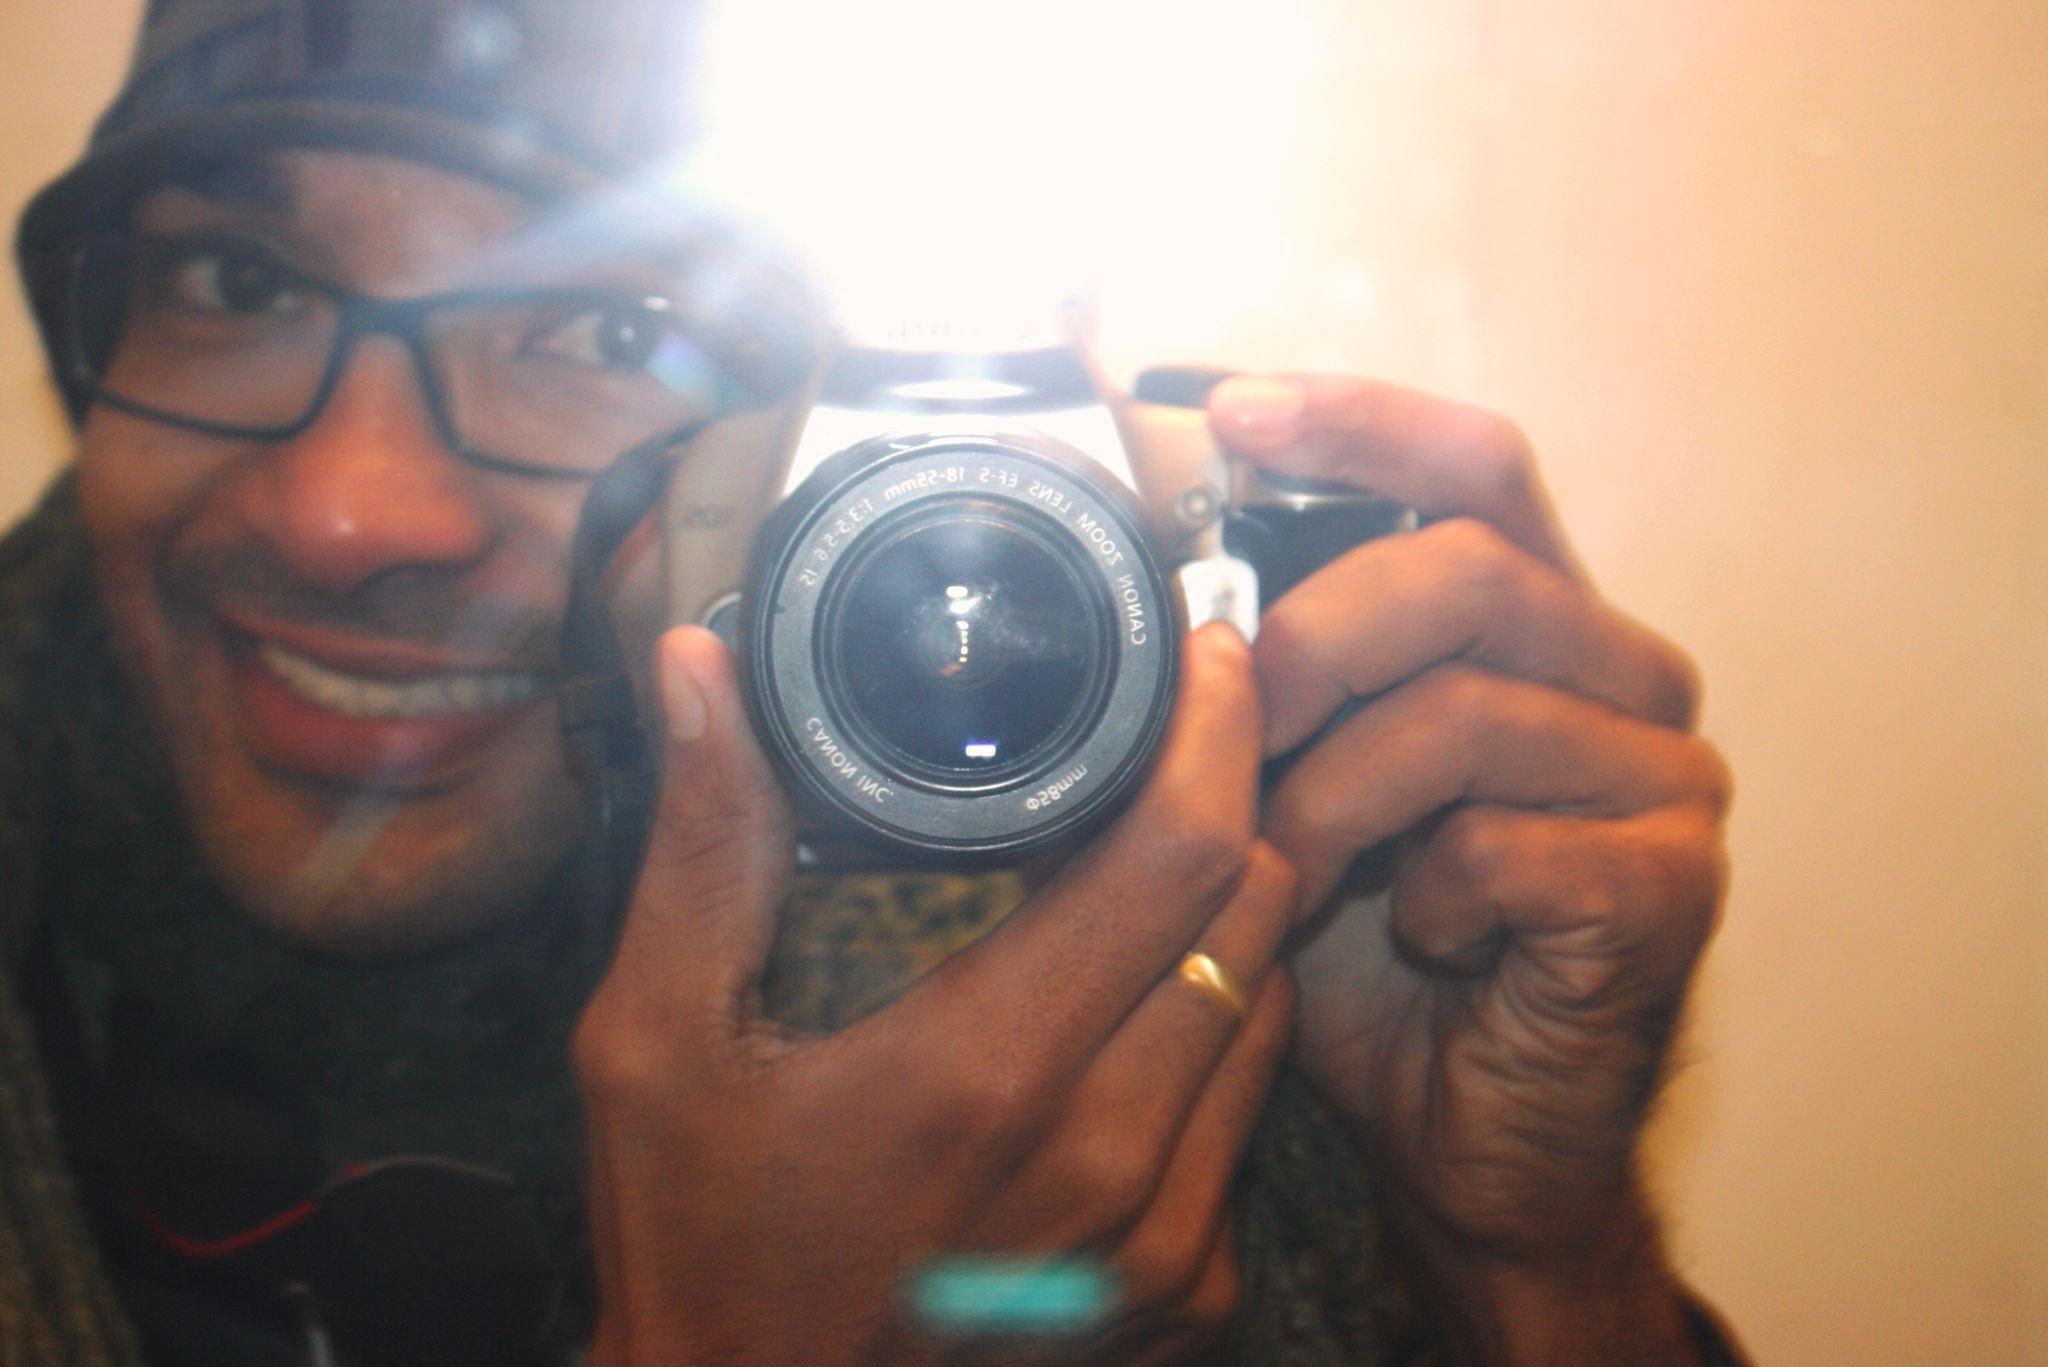 Há tantos olhares para vermos do avesso que a lente exposta fica pequena e limitada sem imaginação   Acesso nosso blog olhares do avesso www.olharesdoavesso.blogspot.com